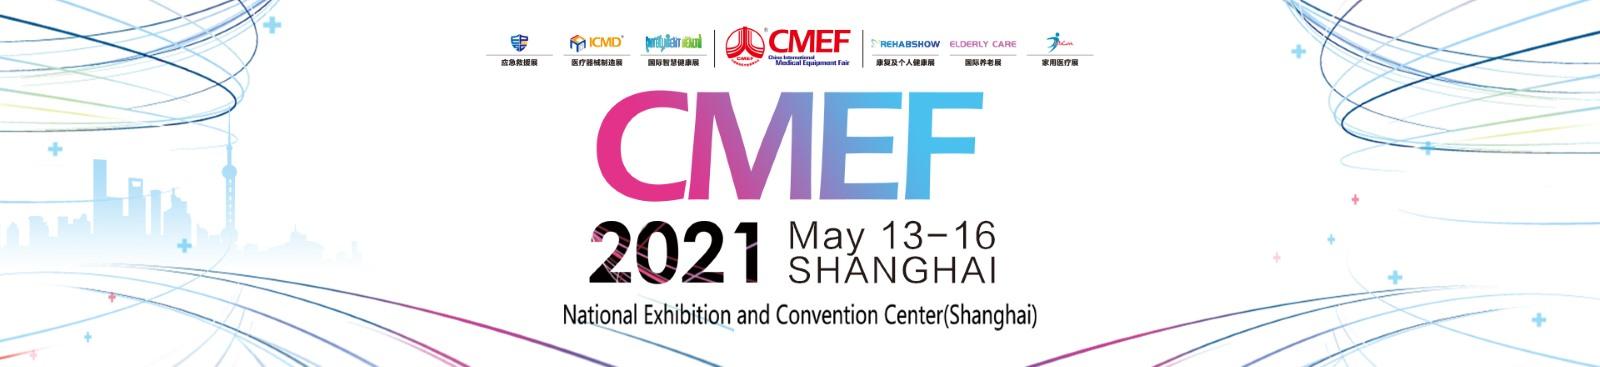 Az FSP bemutatja a legújabb orvosi tápegységeit a 2021-es CMEF kiállításon